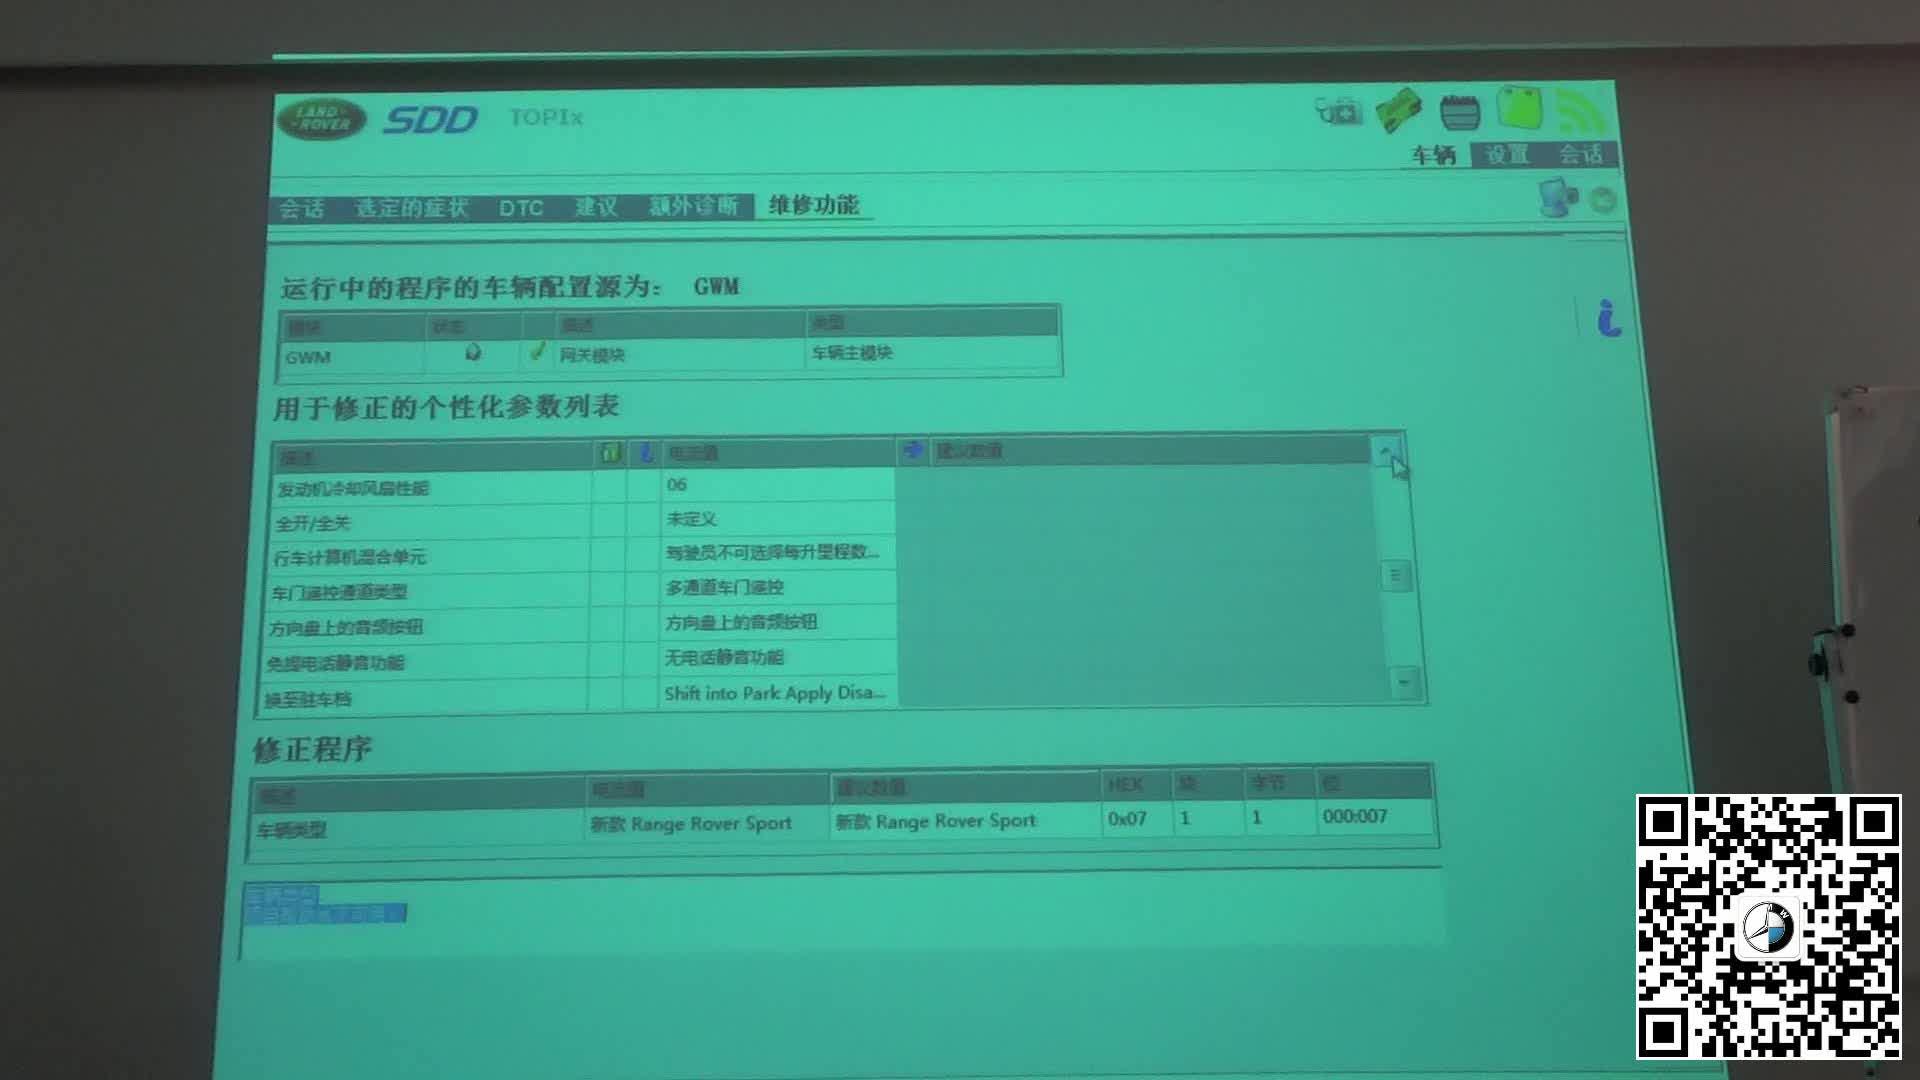 路虎工程师-SDD刷隐藏与改装低配升高配设置-1